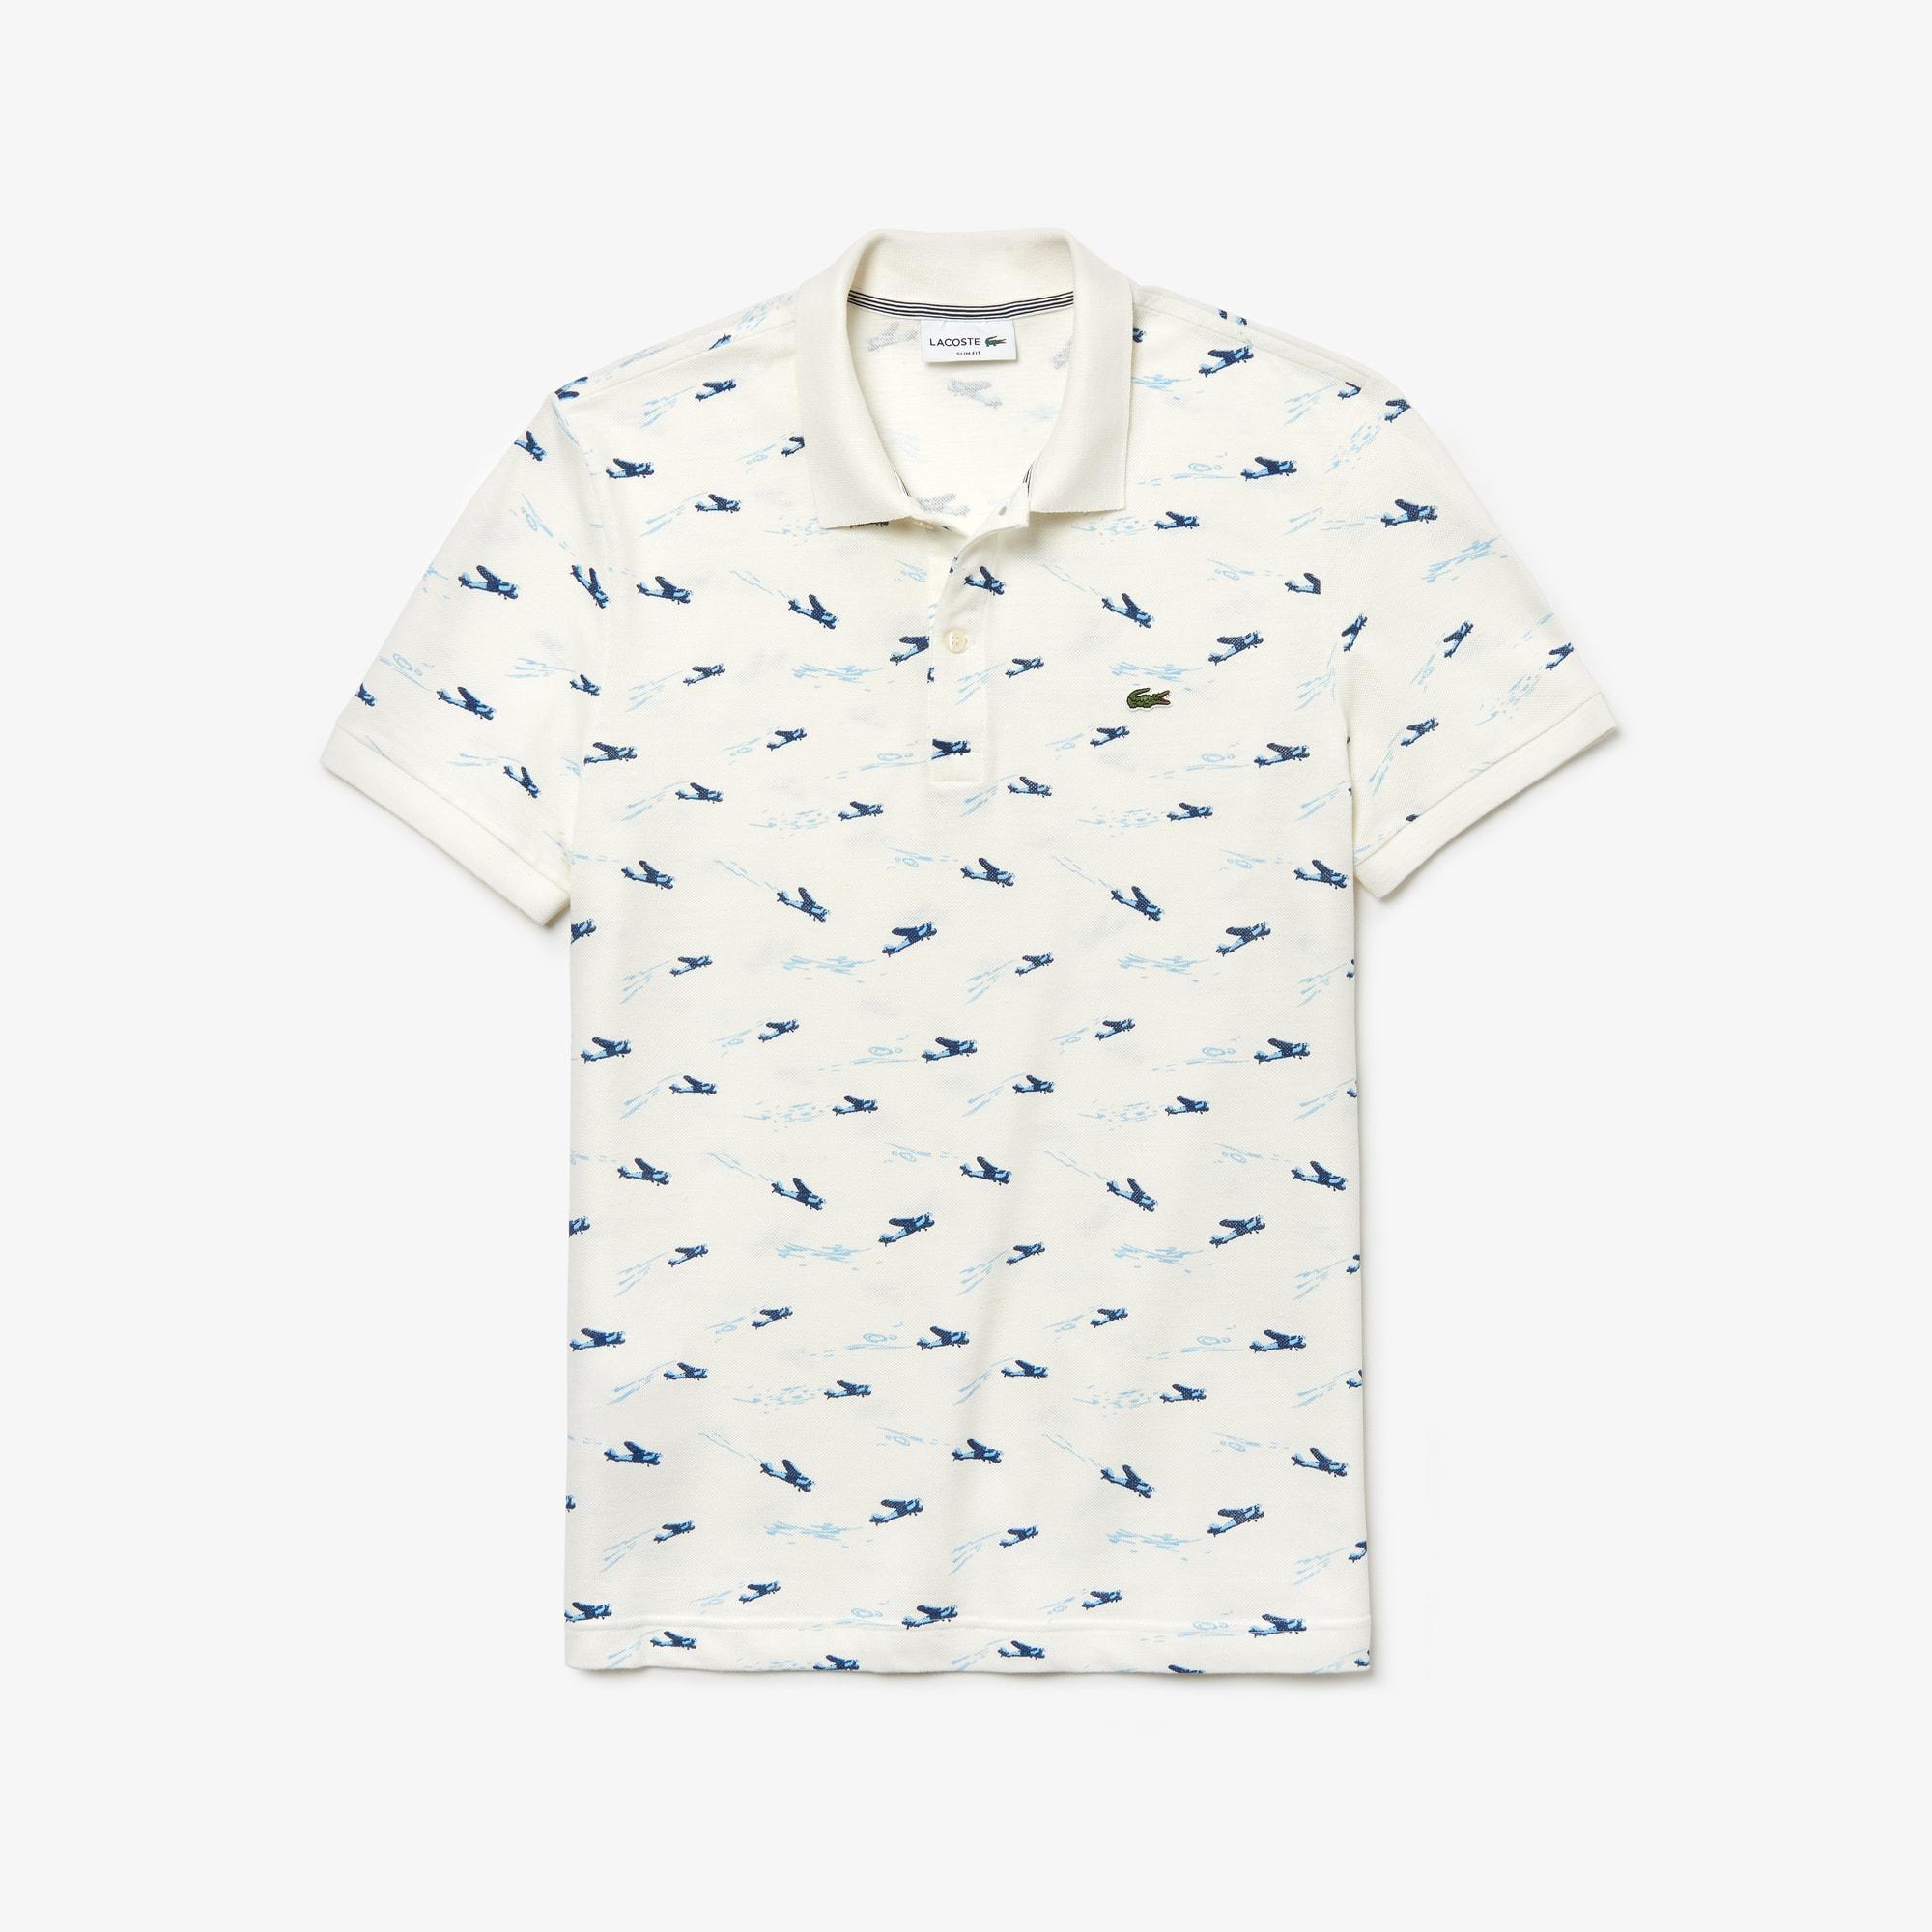 e7850981d4ef6 Men s Lacoste Slim Fit Airplane Print Cotton And Linen Piqué Polo Shirt